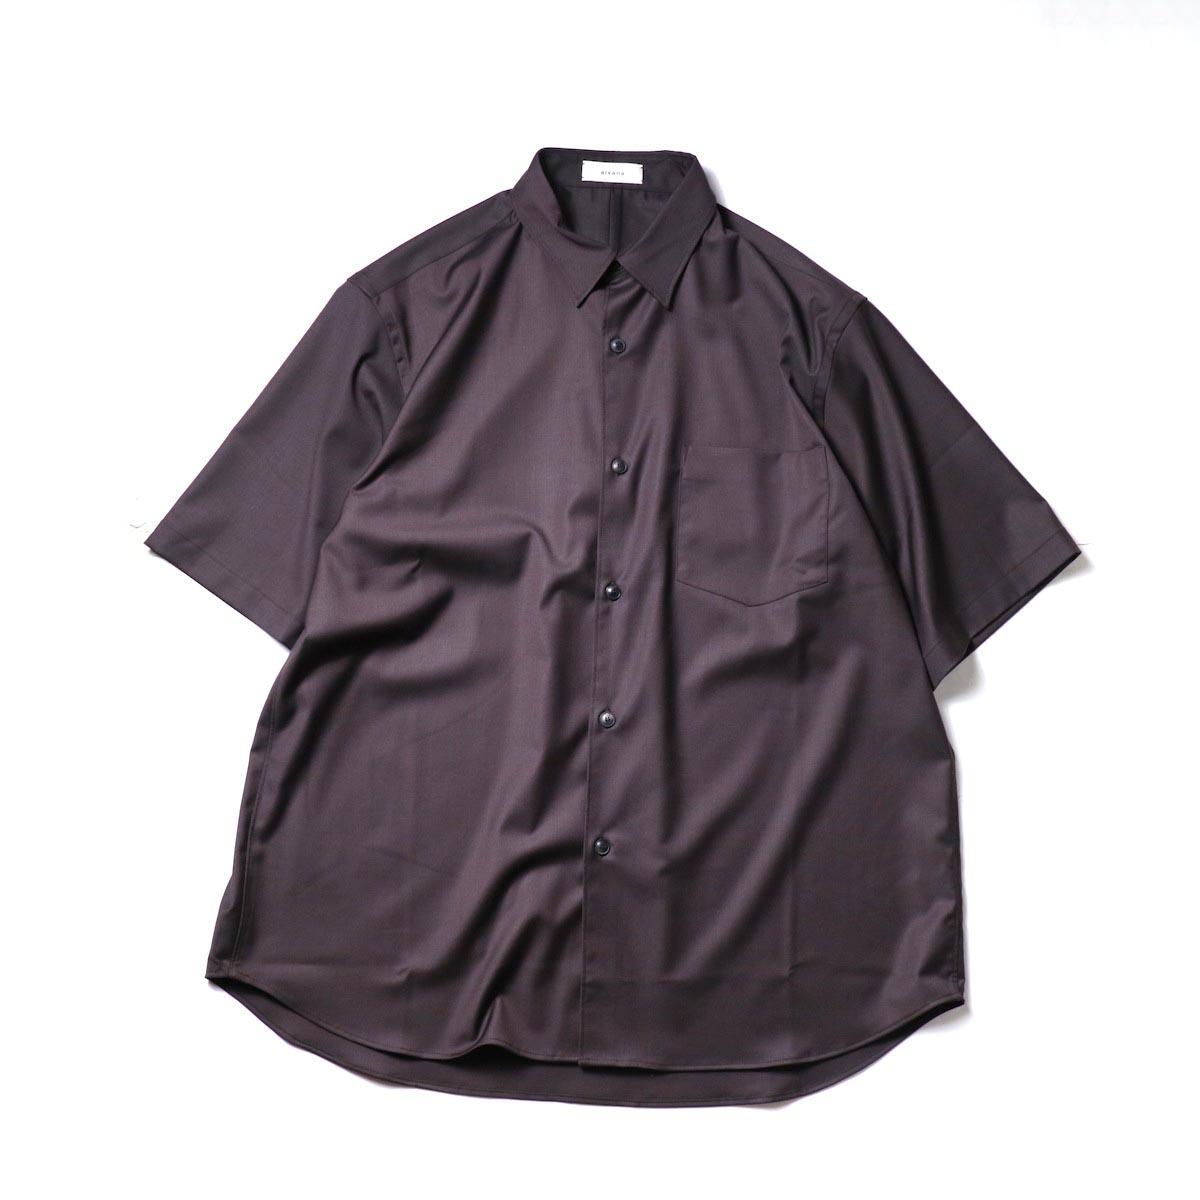 alvana / Wrinkle Proof Shirts (Charcoal)